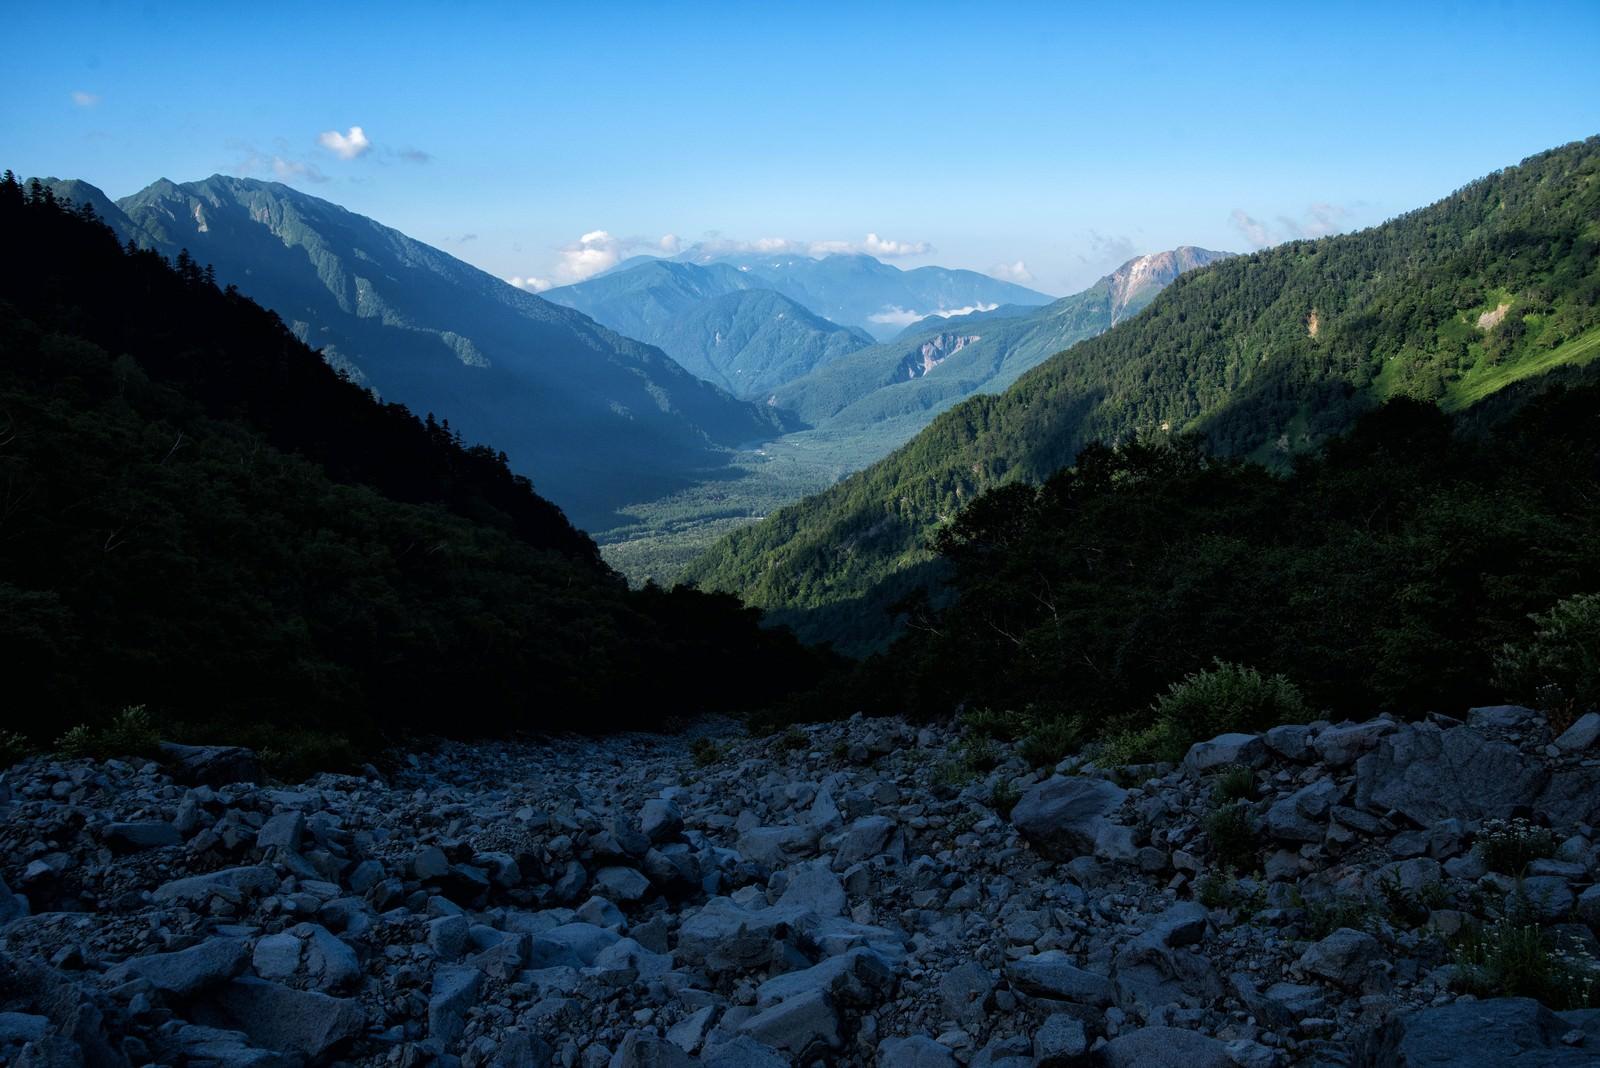 「上高地につながる岳沢の登山道」の写真